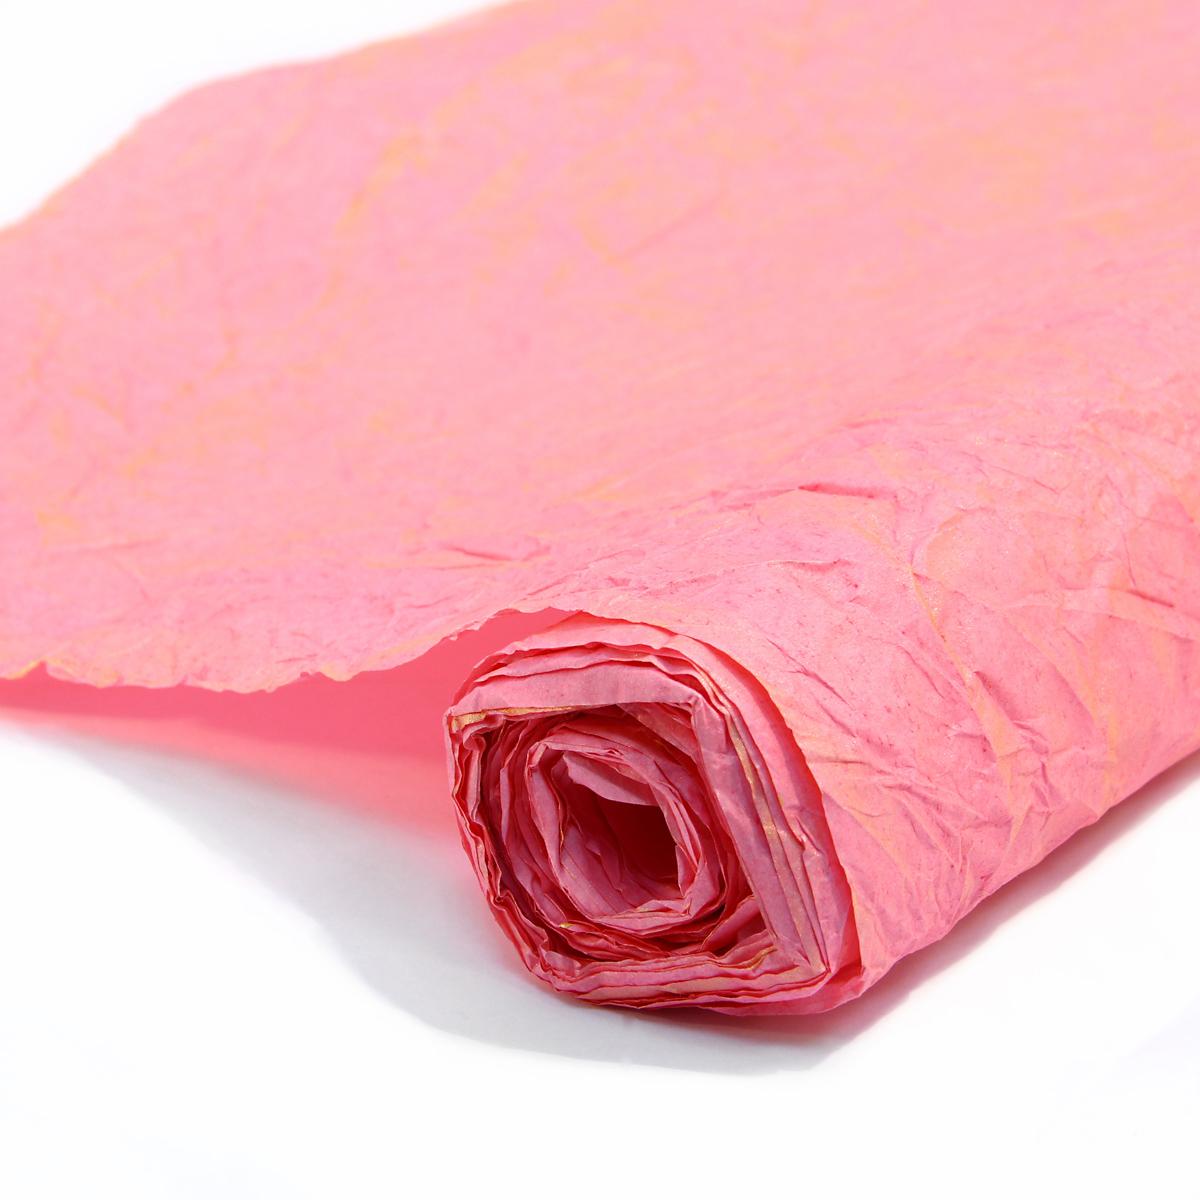 Бумага упаковочная Veld-Co Эколюкc, цвет: ярко-розовый, золотистый, 70 см х 5 м44133Бумага Veld-Co Эколюкc - это универсальный материал дляупаковки подарков и оформления букетов. Она достаточноплотная и в тоже время пластичная. Благодаря органичнойфактуре, великолепно ложится и на нестандартные формы(круглые, овальные). Эта бумага хорошо комбинируется с другими материалами. Её можноиспользовать в качестве декоративных элементов. К ней легко подобратьаксессуары - подойдут натуральные шнуры, рафия, ленты (репсовая,шёлковая, хлопковая). Благодаря этому материалу - мастер выполнитлюбую задачу, поставленную перед ним. Ко всему прочему- бумагу в рулоне удобнее хранить, использовать,транспортировать.